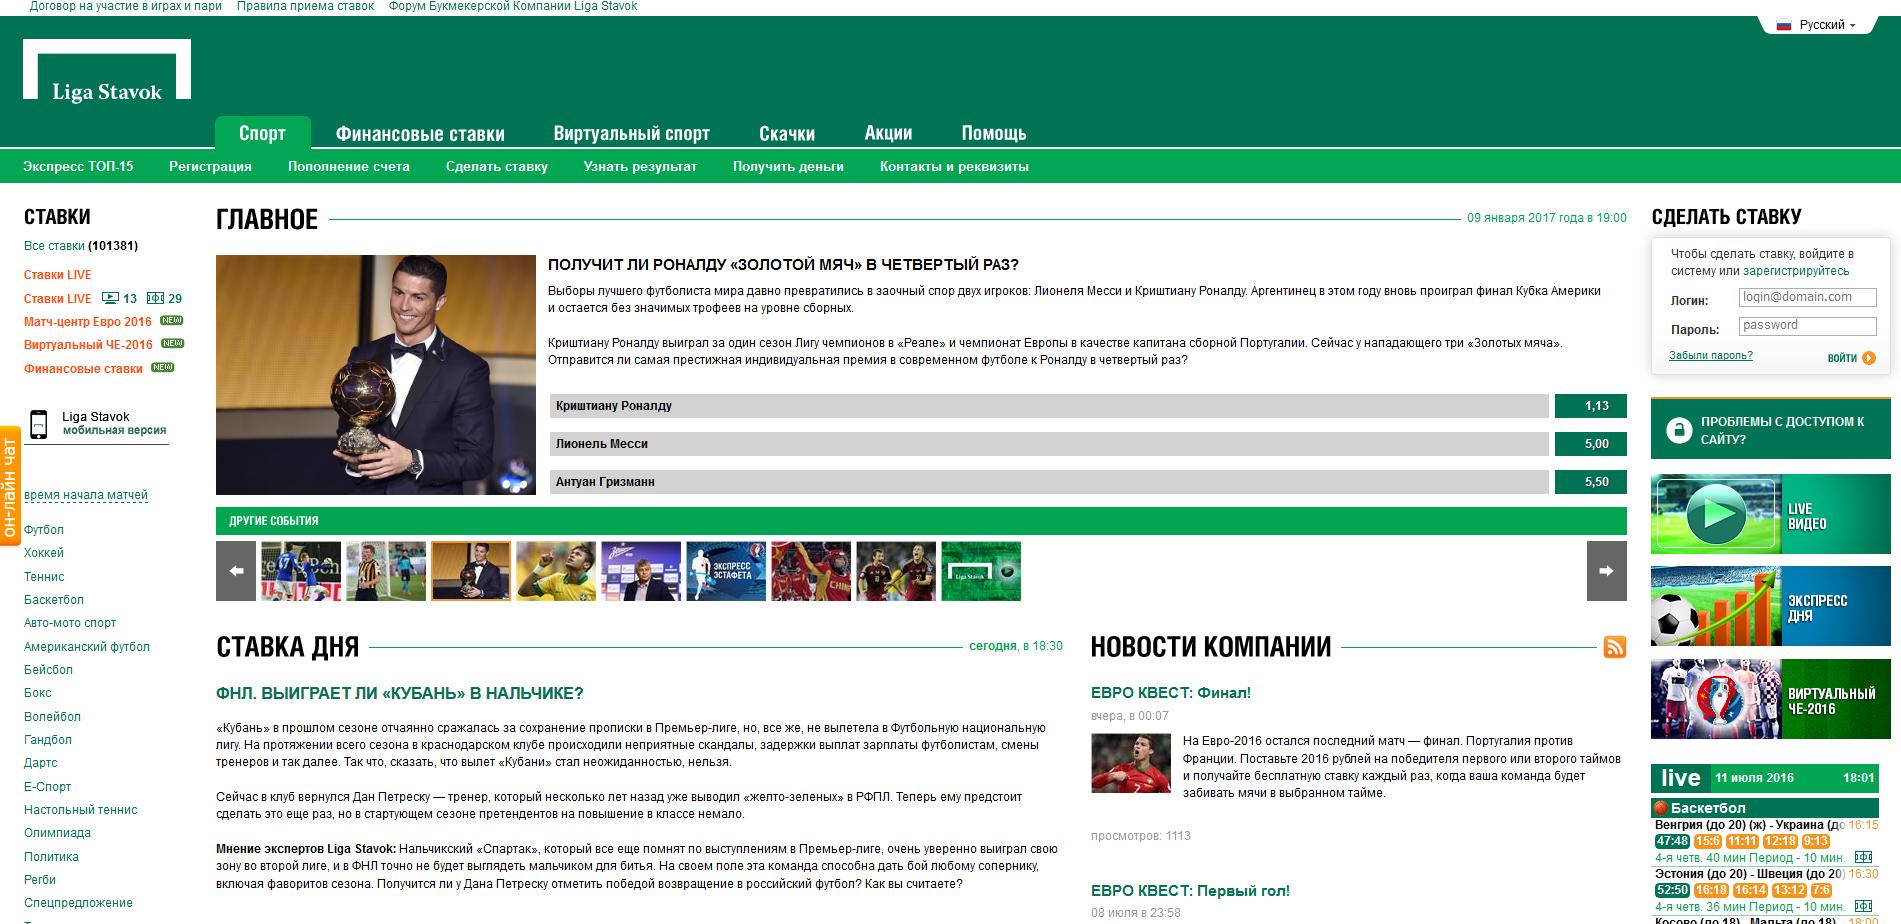 Компания леон ставки на спорт - Отзывы о договорных матчах